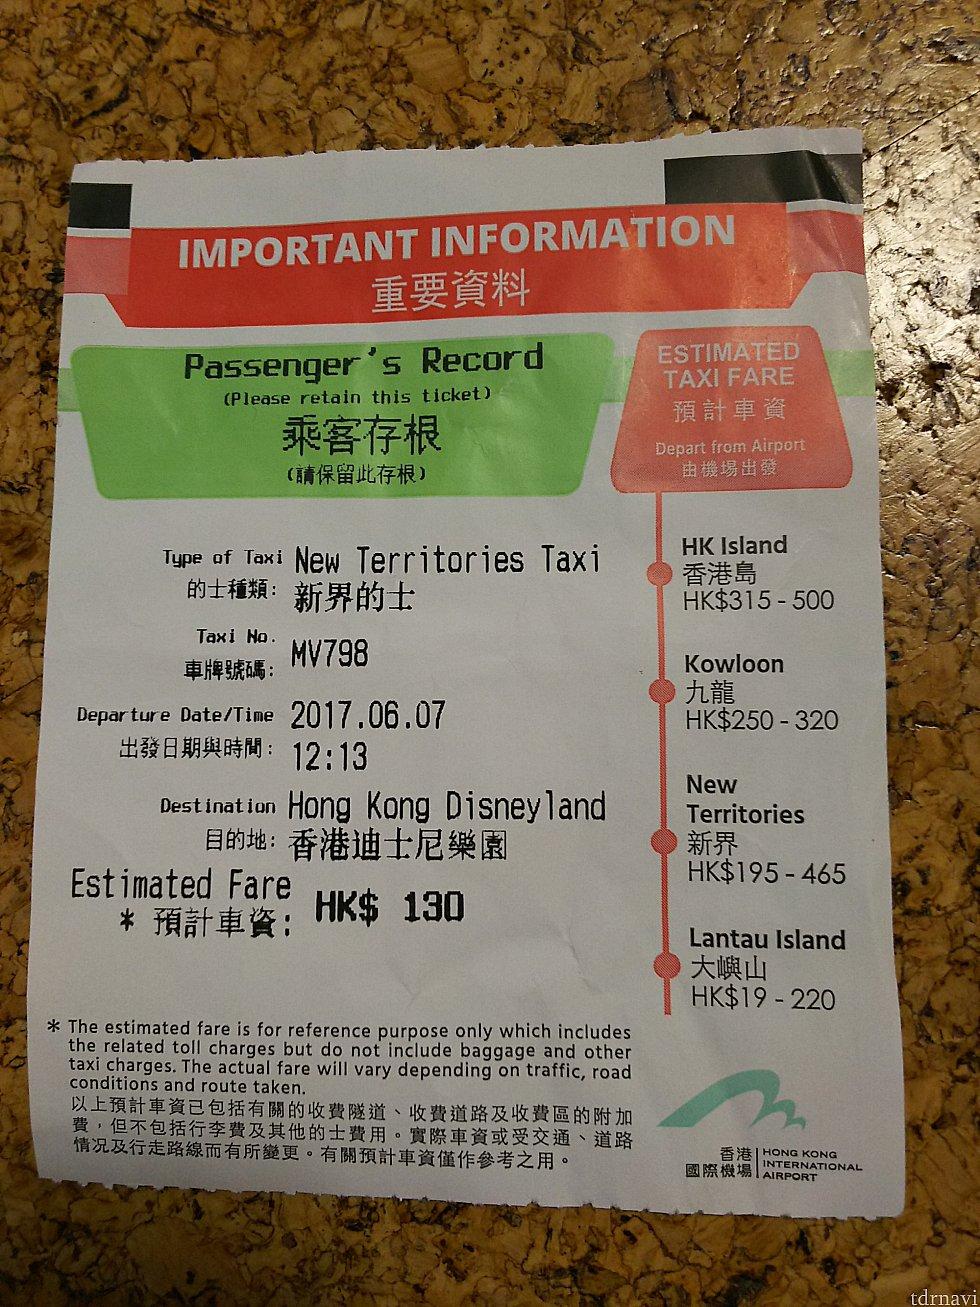 空港でタクシーに乗る前に貰える案内の紙。5月は貰えなくて不安でしたが、6月は貰えました。裏にはトラブった時の相談先案内が載っています。